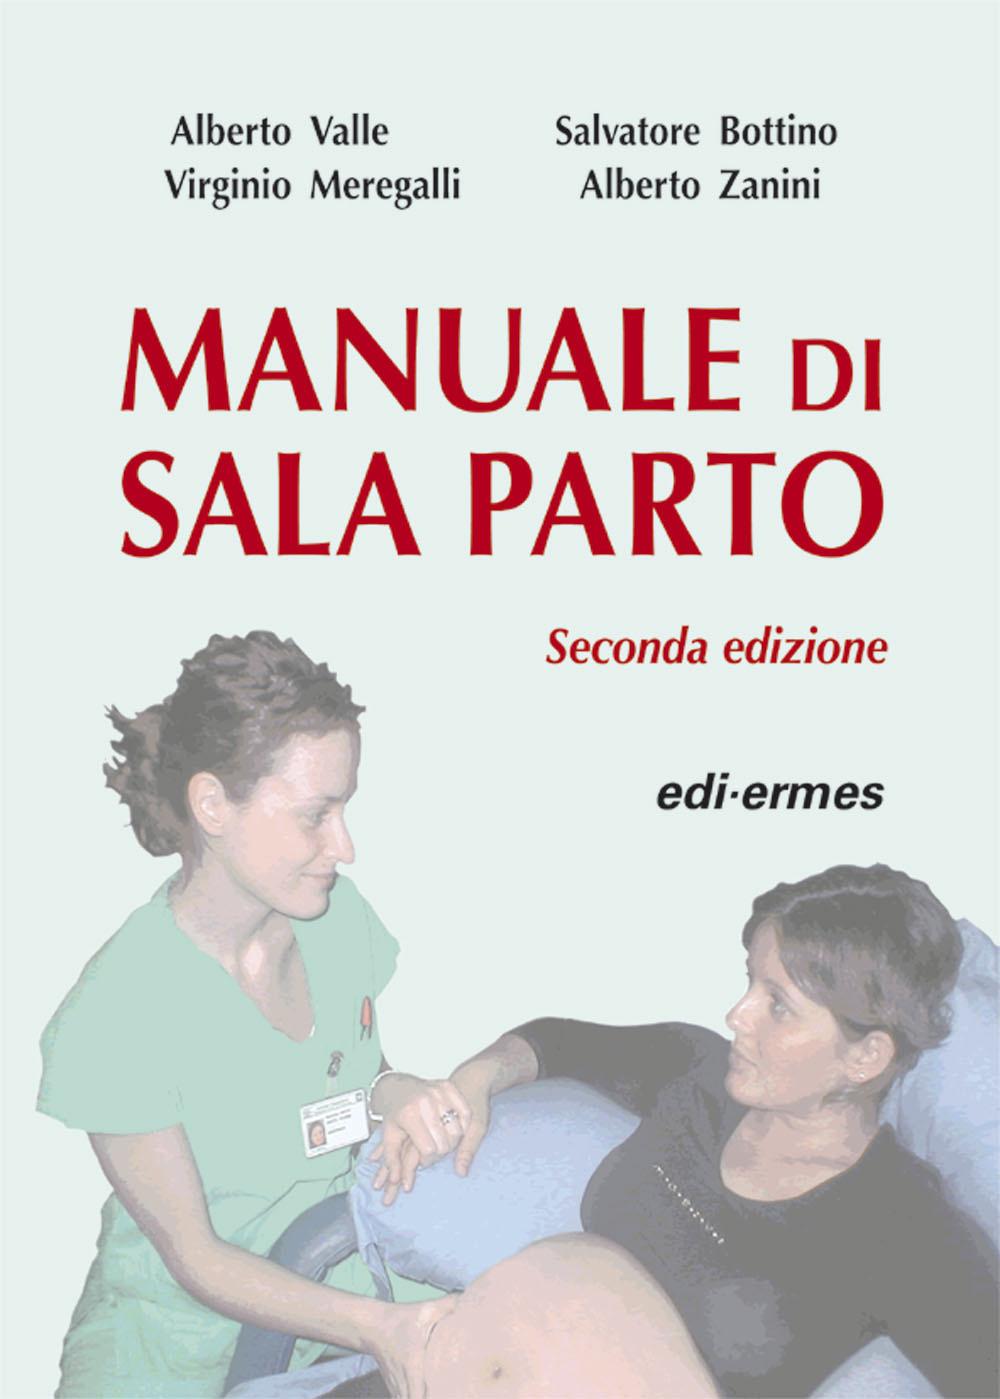 Manuale di sala parto